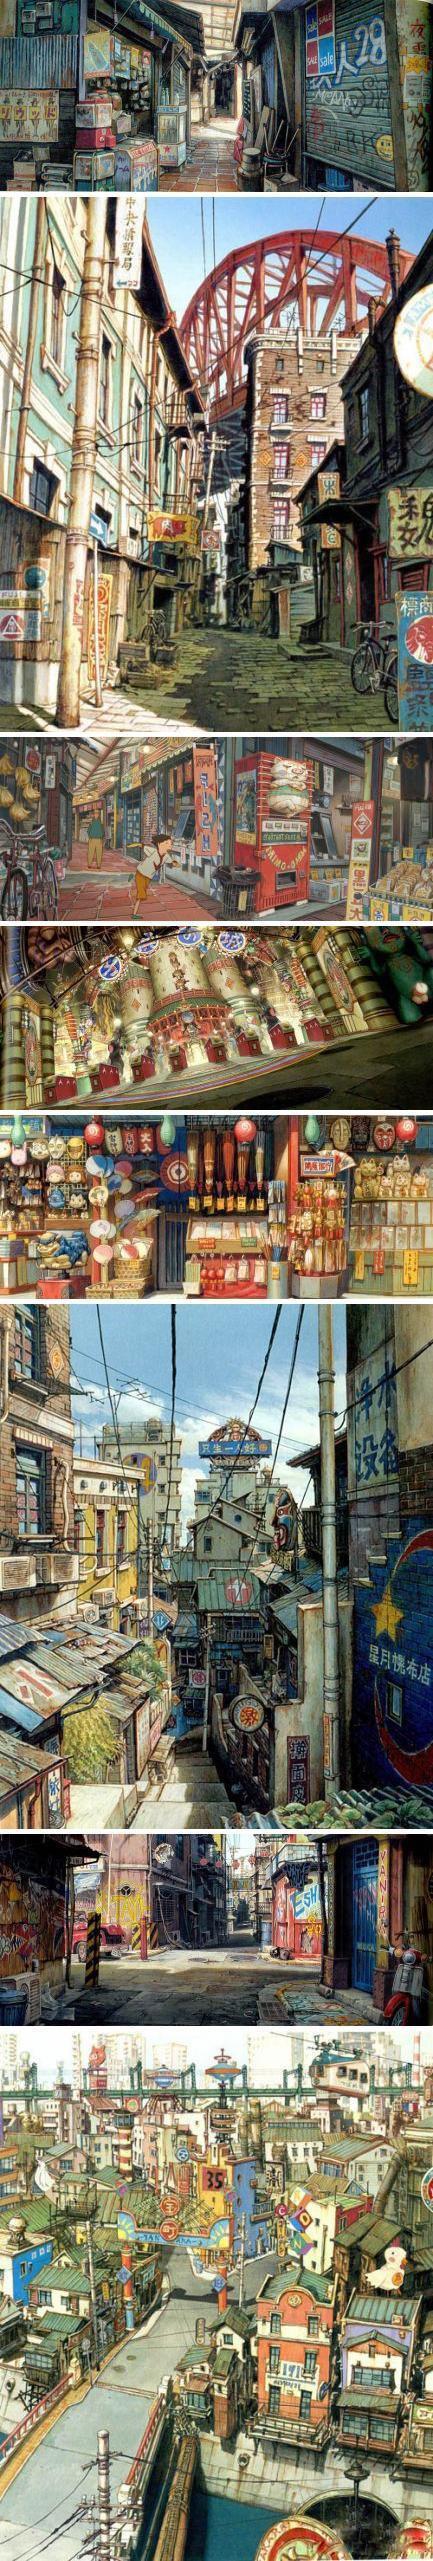 松本大洋是日本漫画界的重量级人物,他的作品以独特的画风和深刻的内涵不仅吸引了无数读者,更是影响了一大批漫画家。在松本的众多作品中,《恶童》具有非凡的意义,这是他的成名作也是他的代表作!